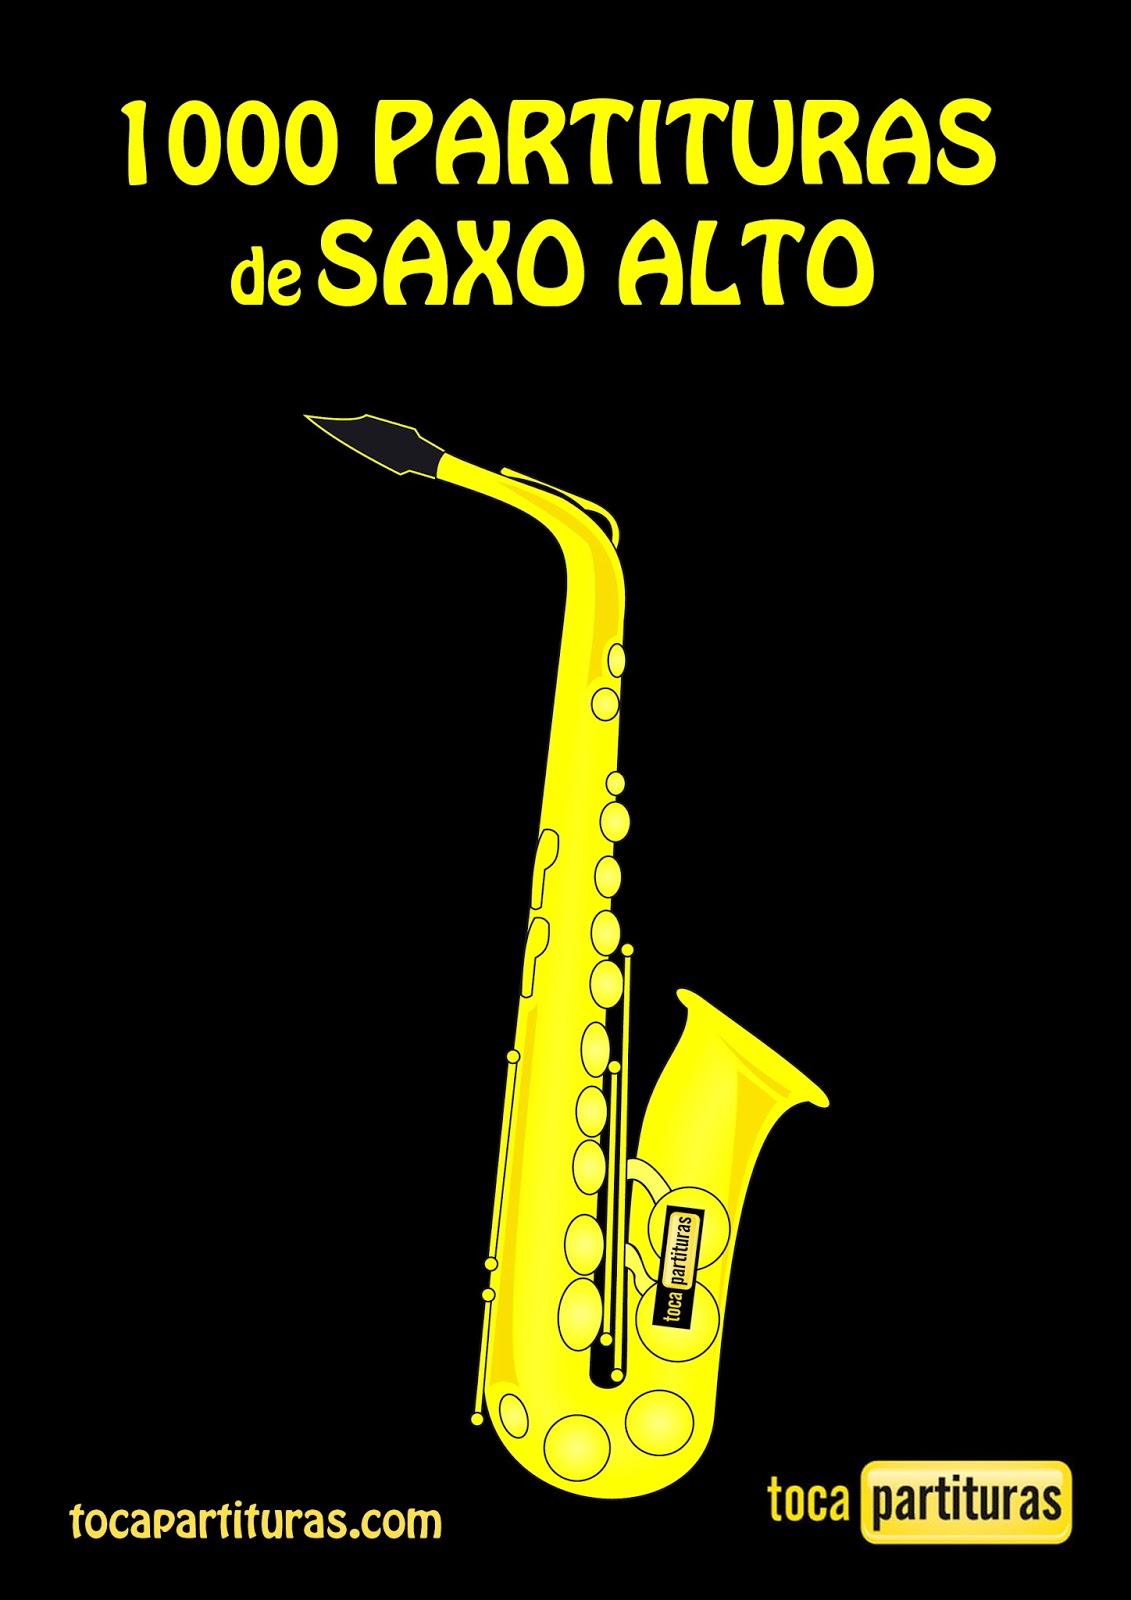 """Partituras de Saxofón Alto """" 1000 Partituras para tocar con tu Saxo Alto"""" tocapartituras.comhttp://www.tocapartituras.com/2014/01/metodo-libro-aprender-saxofon.html"""